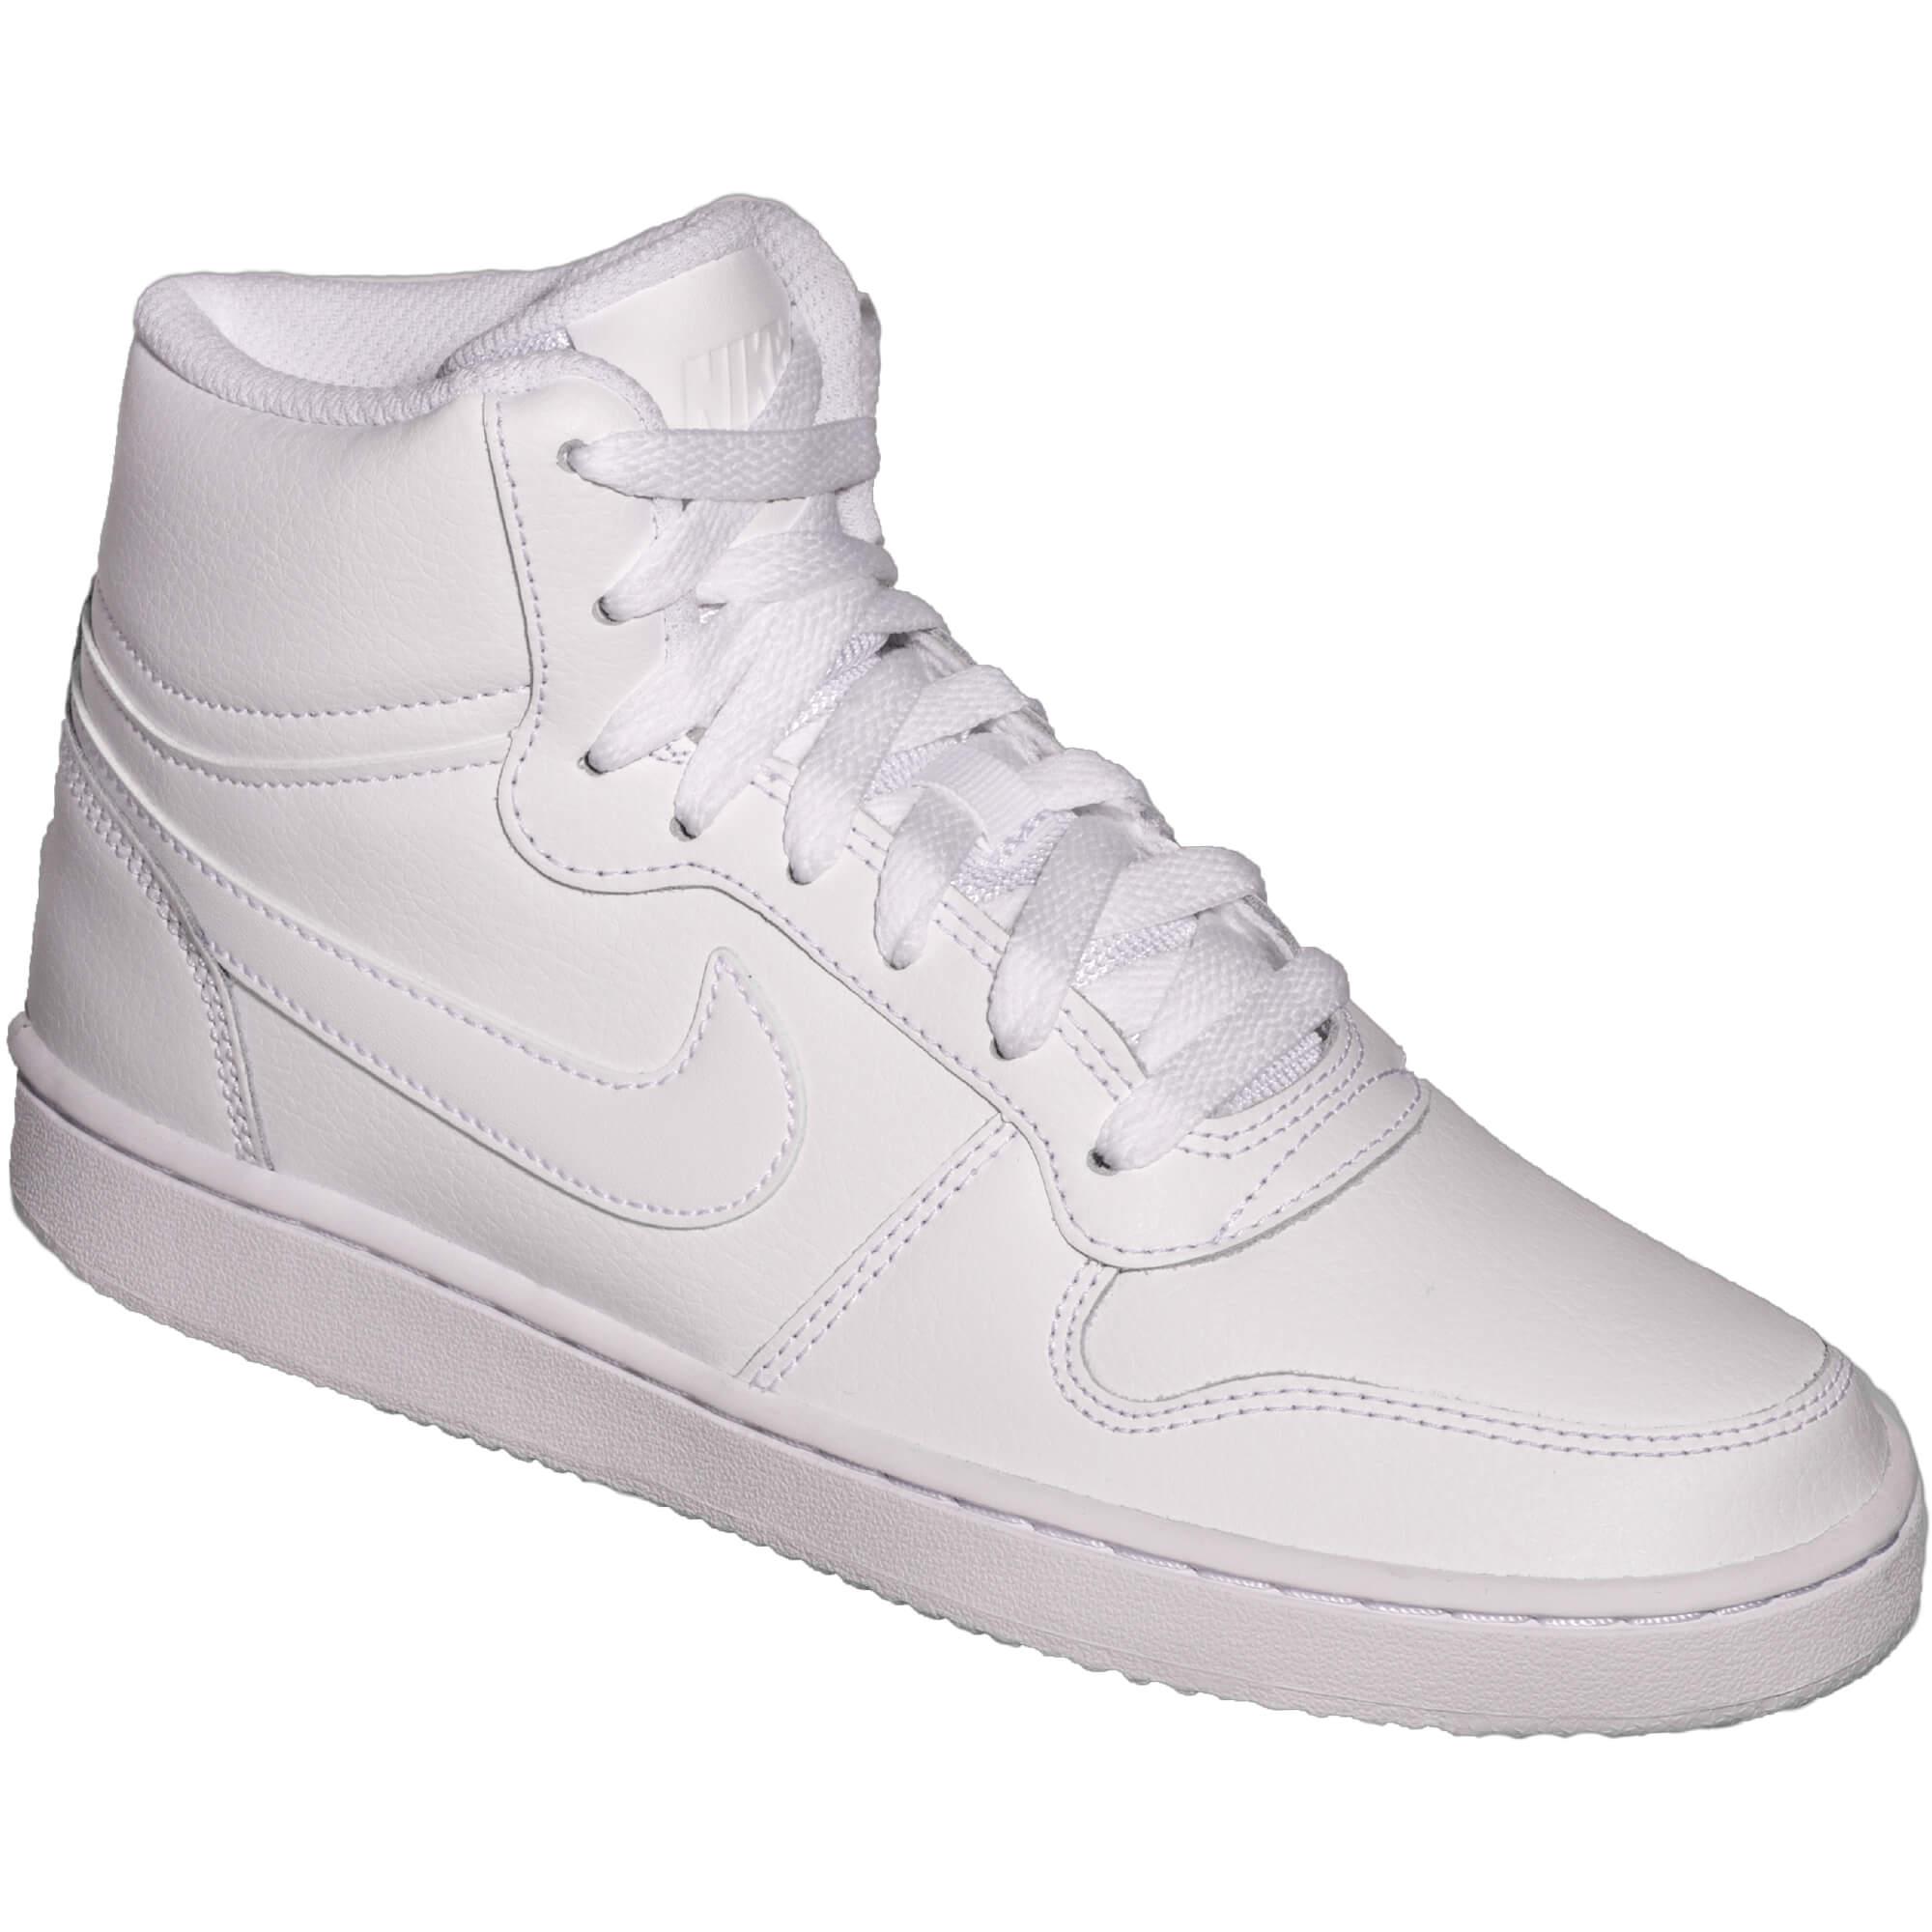 Ebernon Mid Nike Oferta